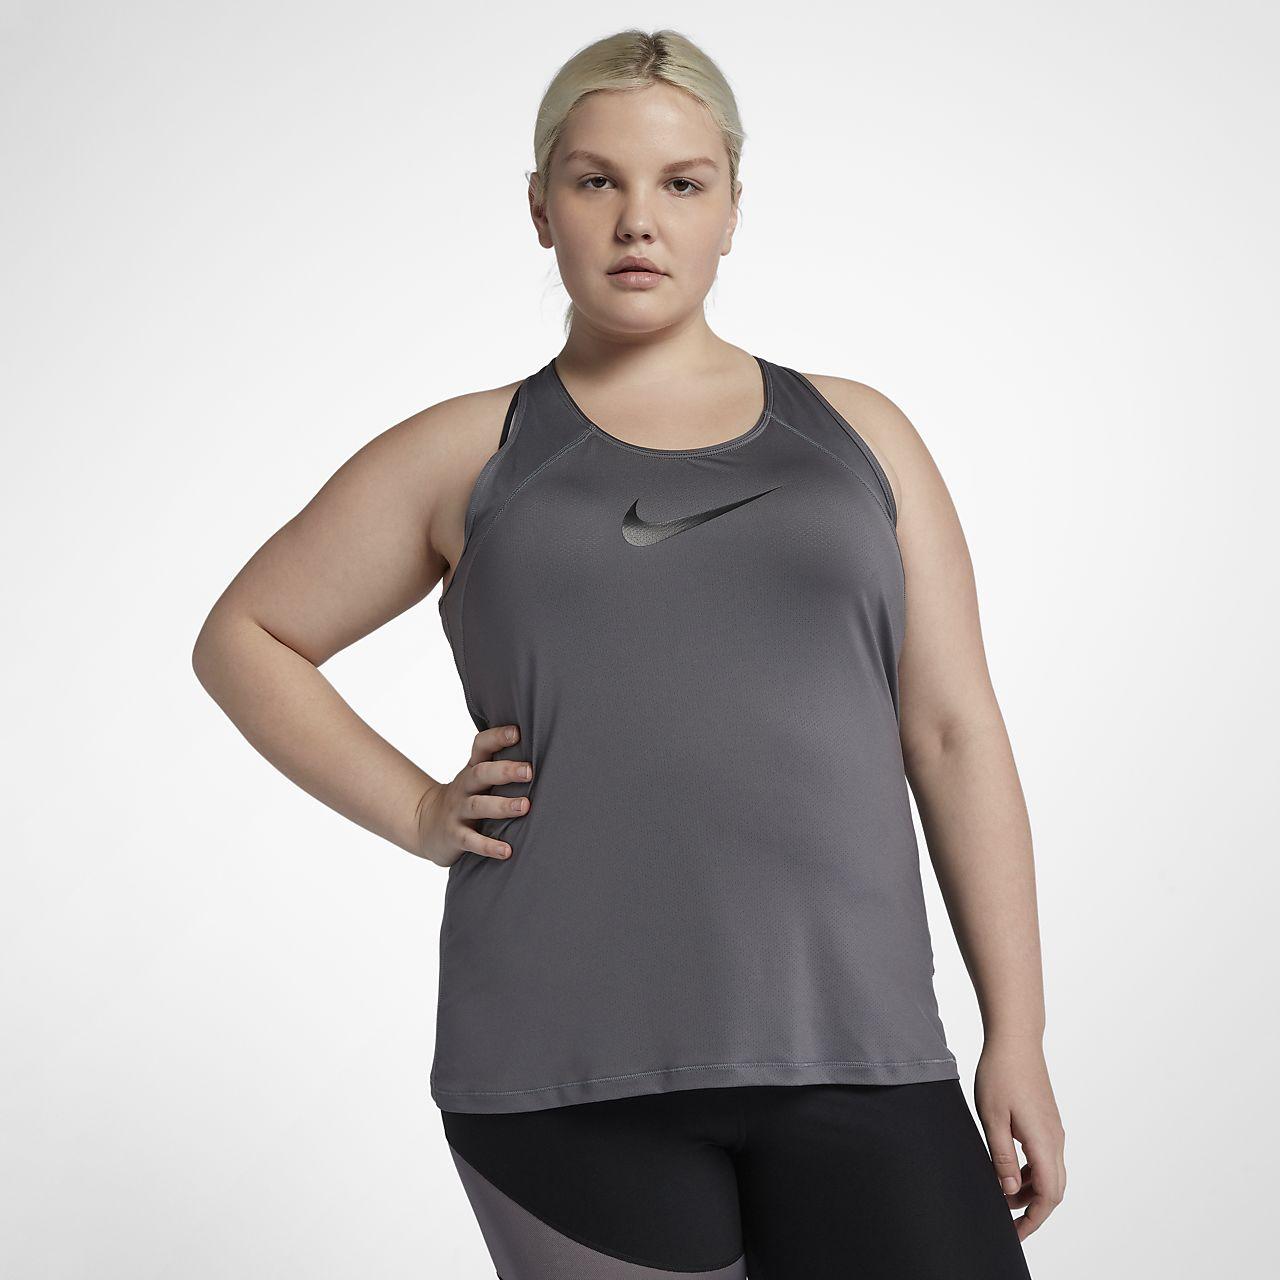 Γυναικείο φανελάκι προπόνησης Nike Pro (μεγάλα μεγέθη)